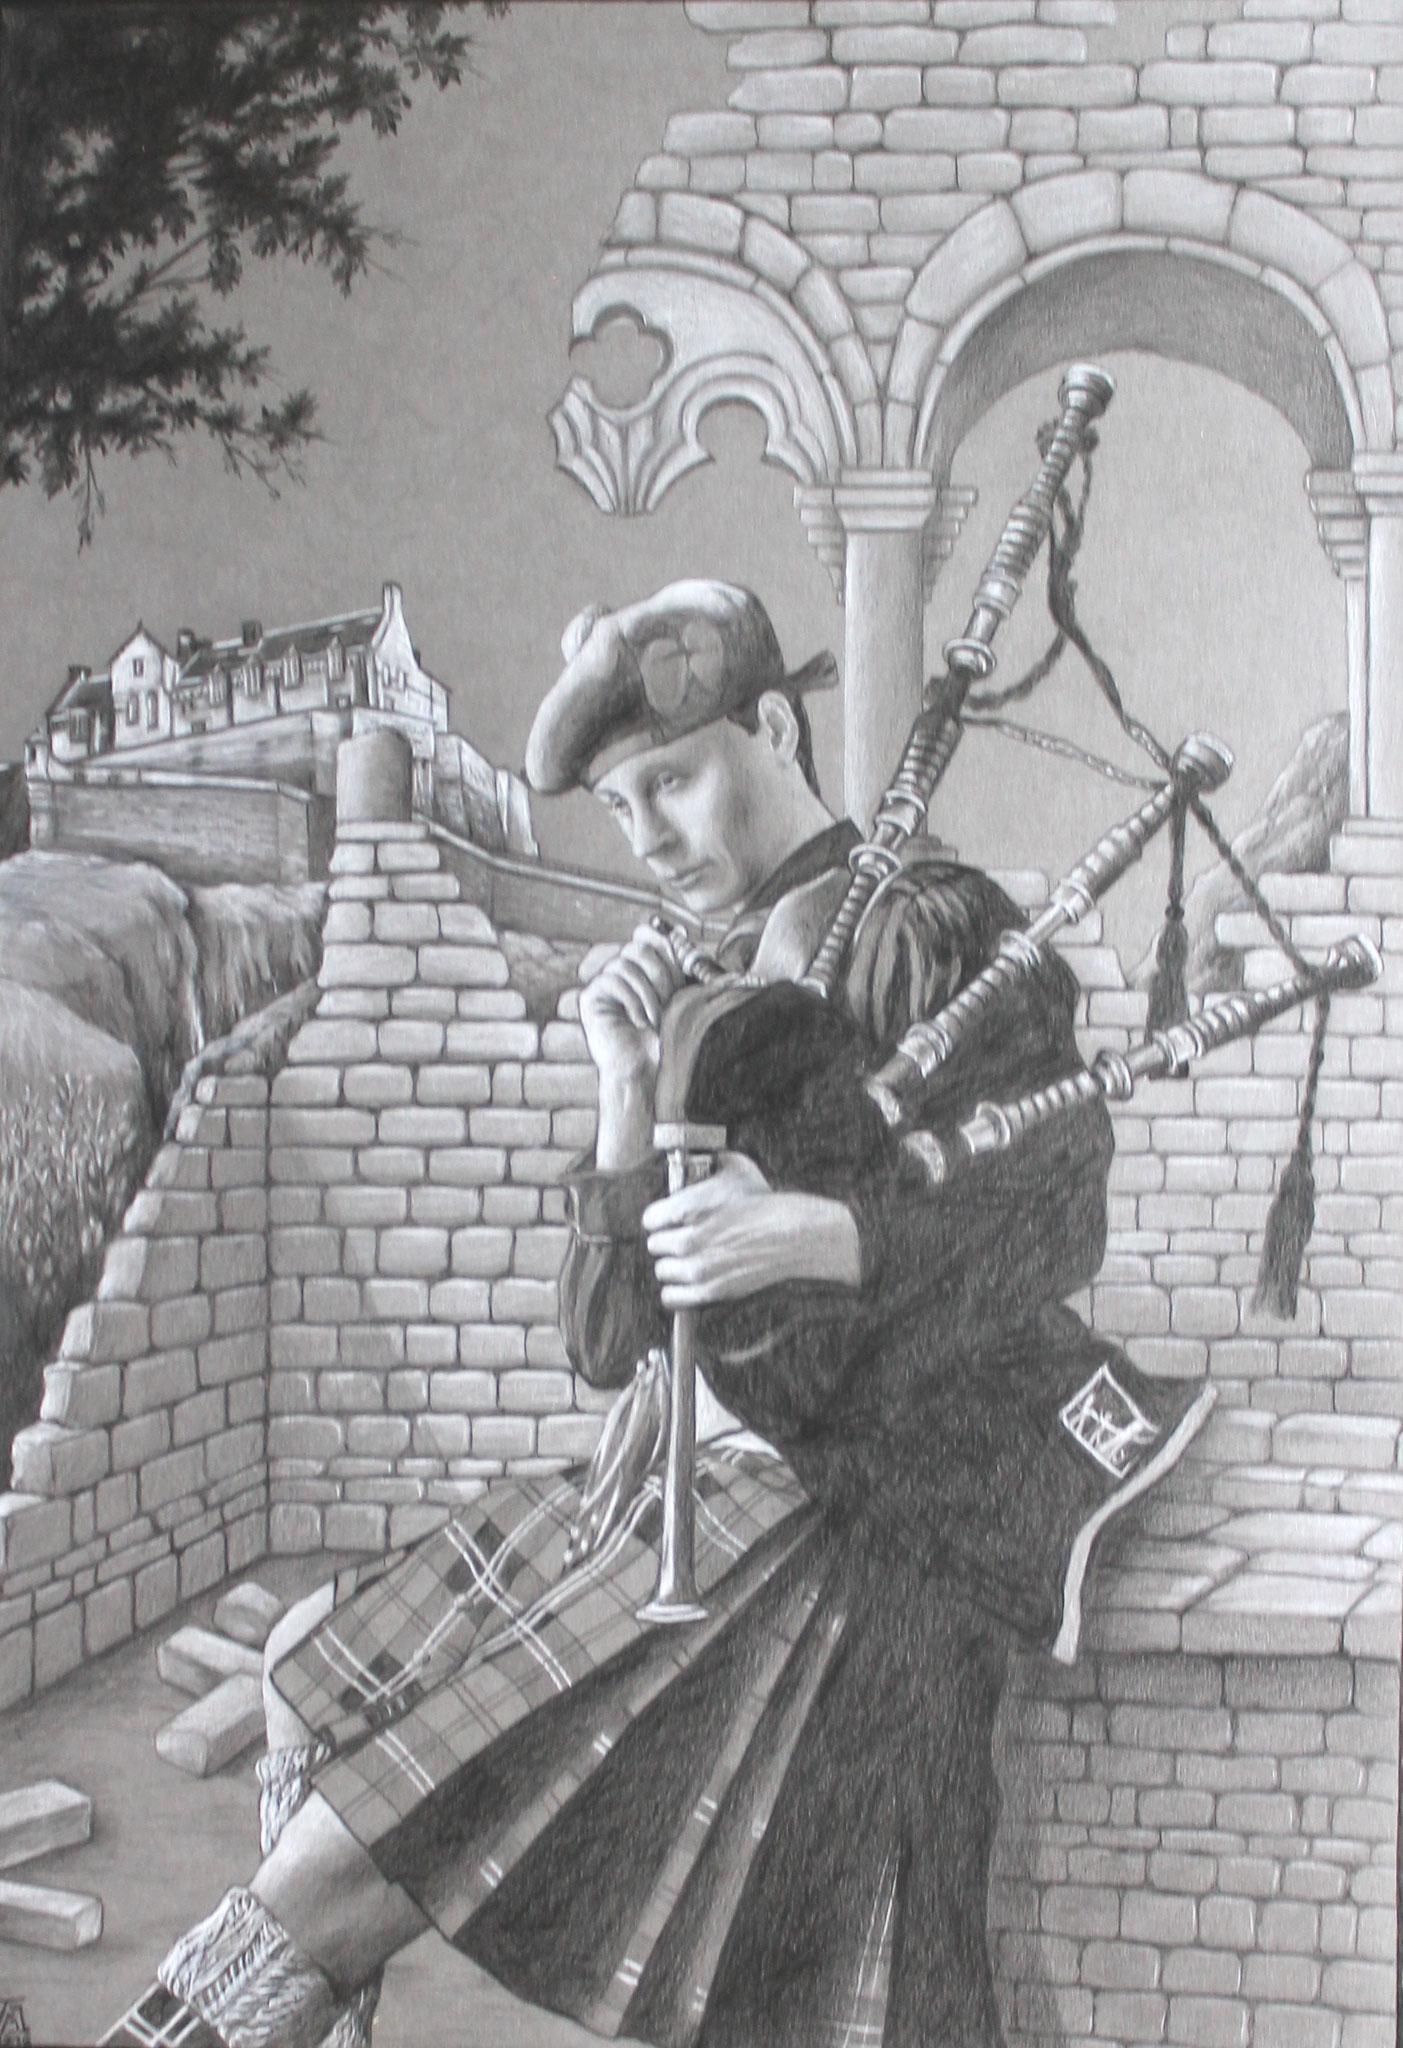 Der Stolz Schottlands, Schwarz-/Weißstift auf grauem Karton, 50 x 70 cm, 2016